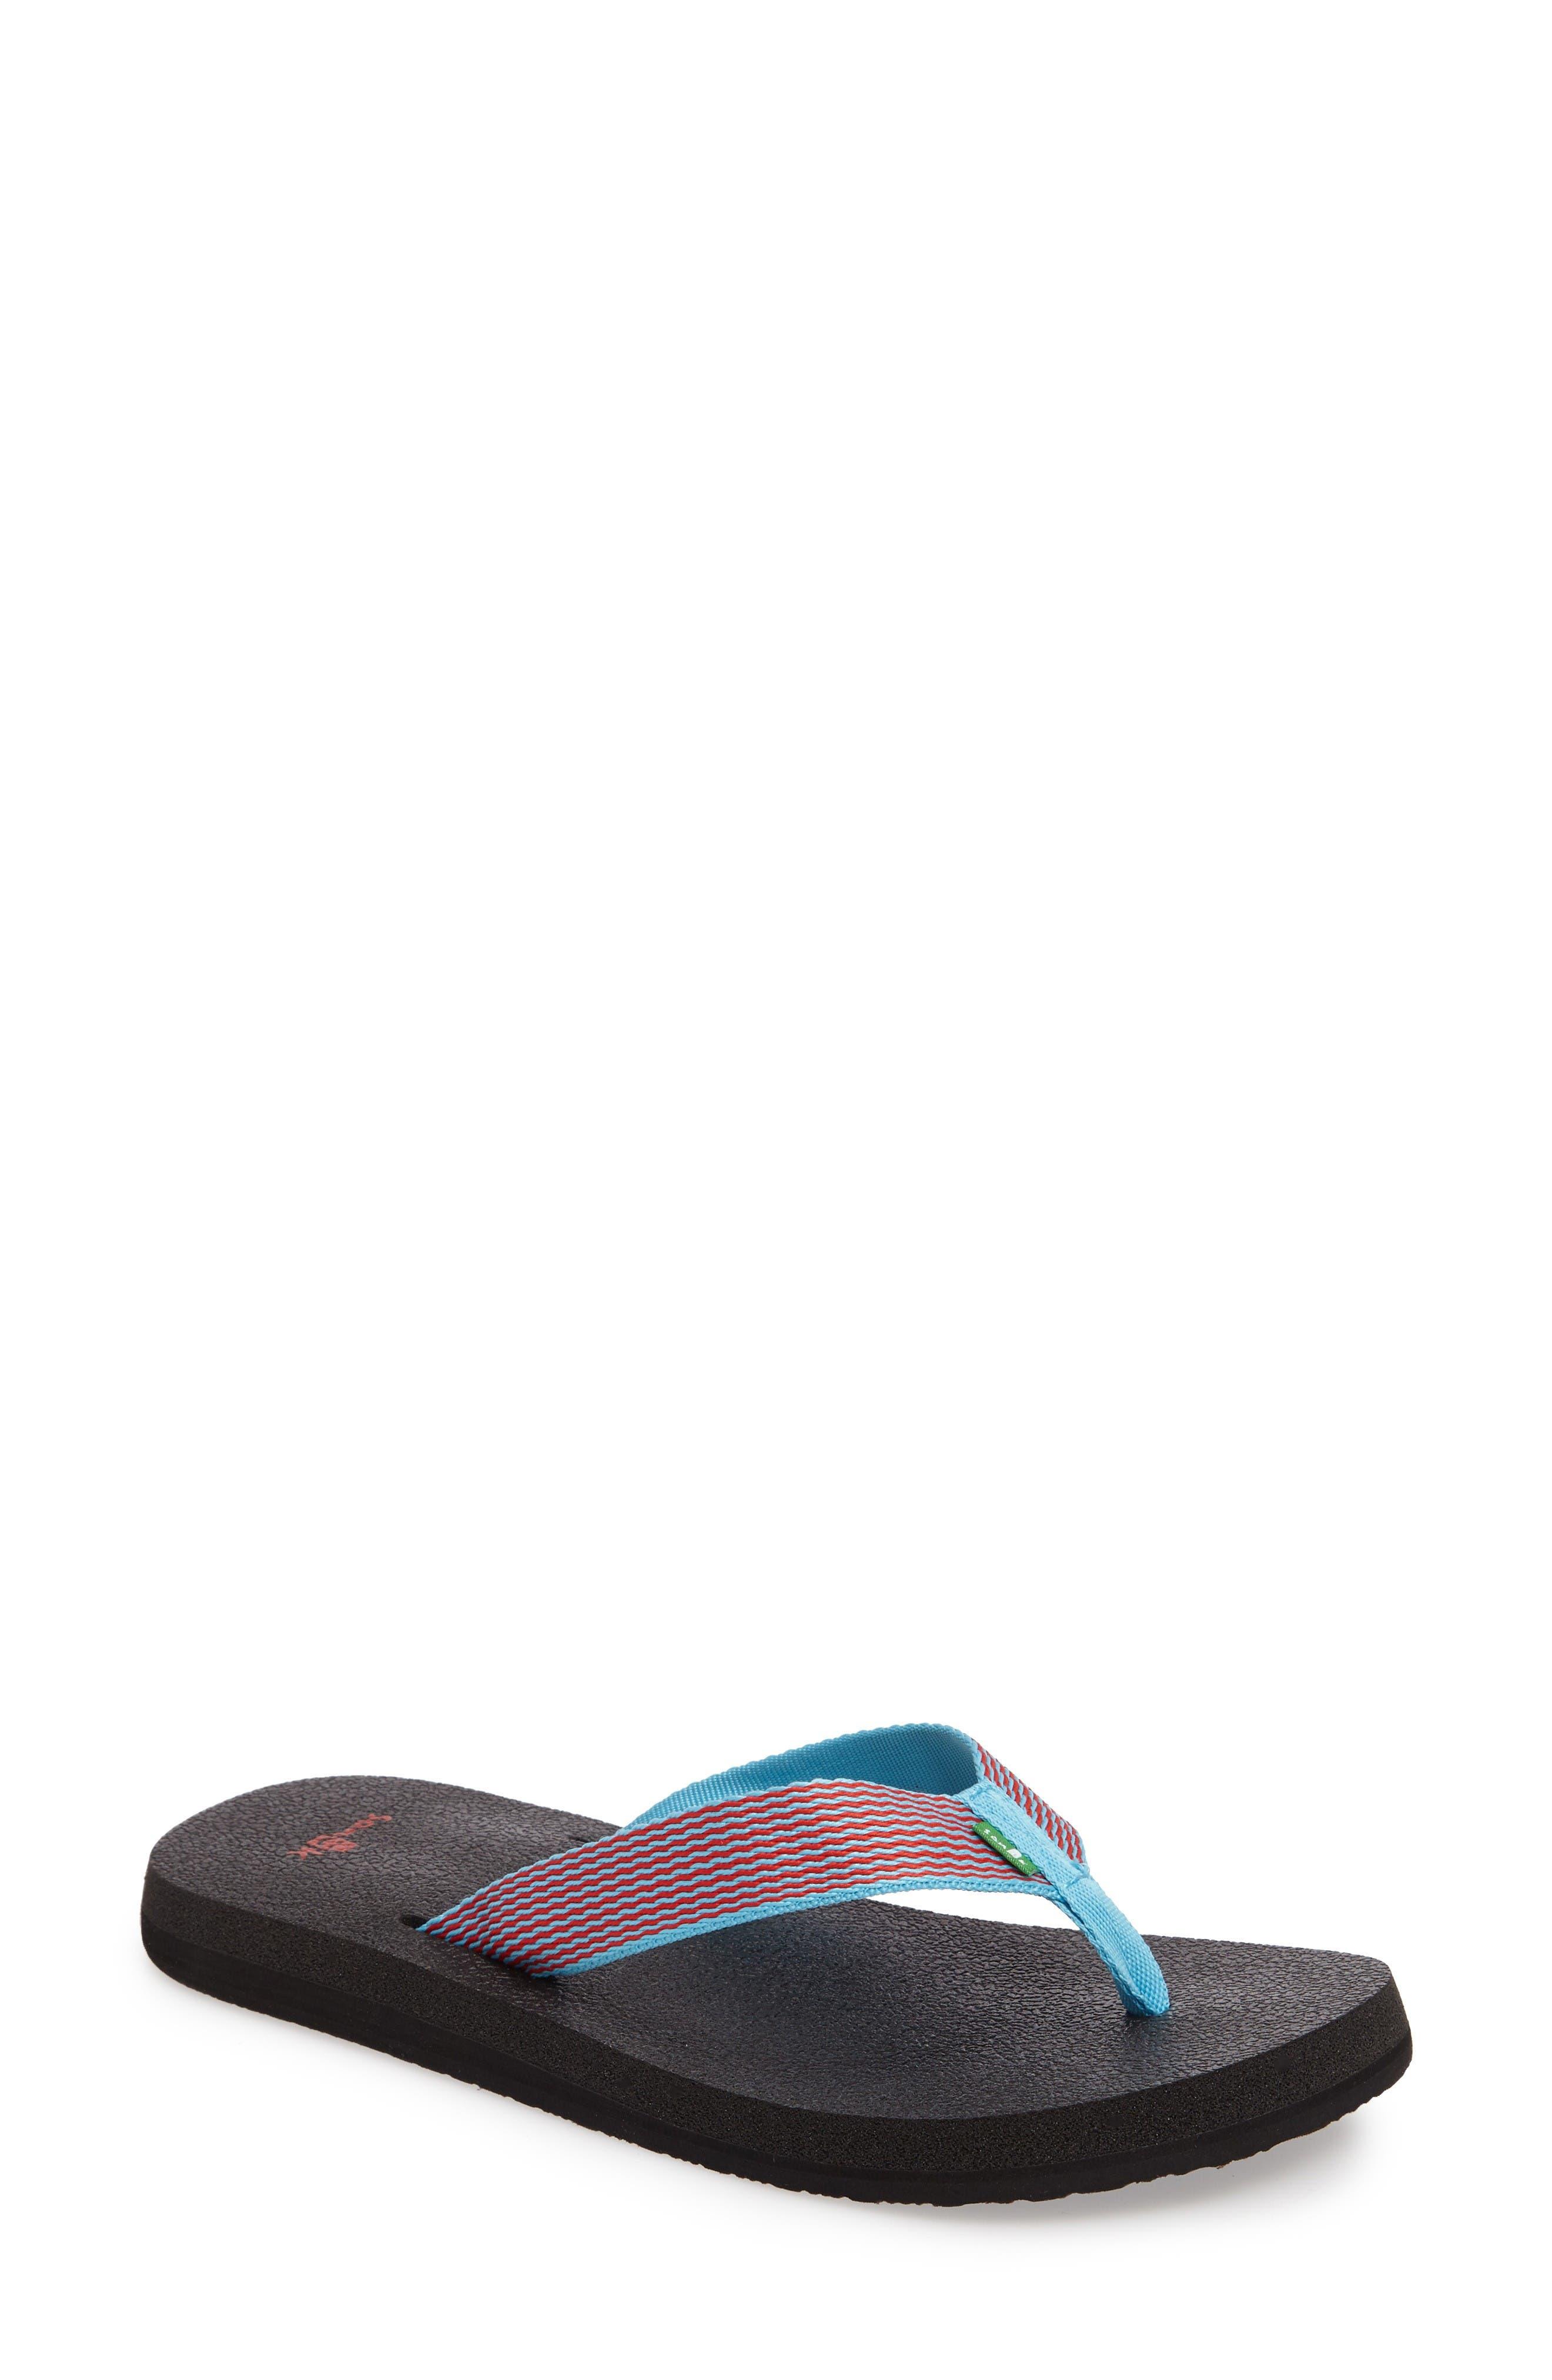 'Yoga Mat' Flip Flop,                         Main,                         color, Aqua/ Bright Red